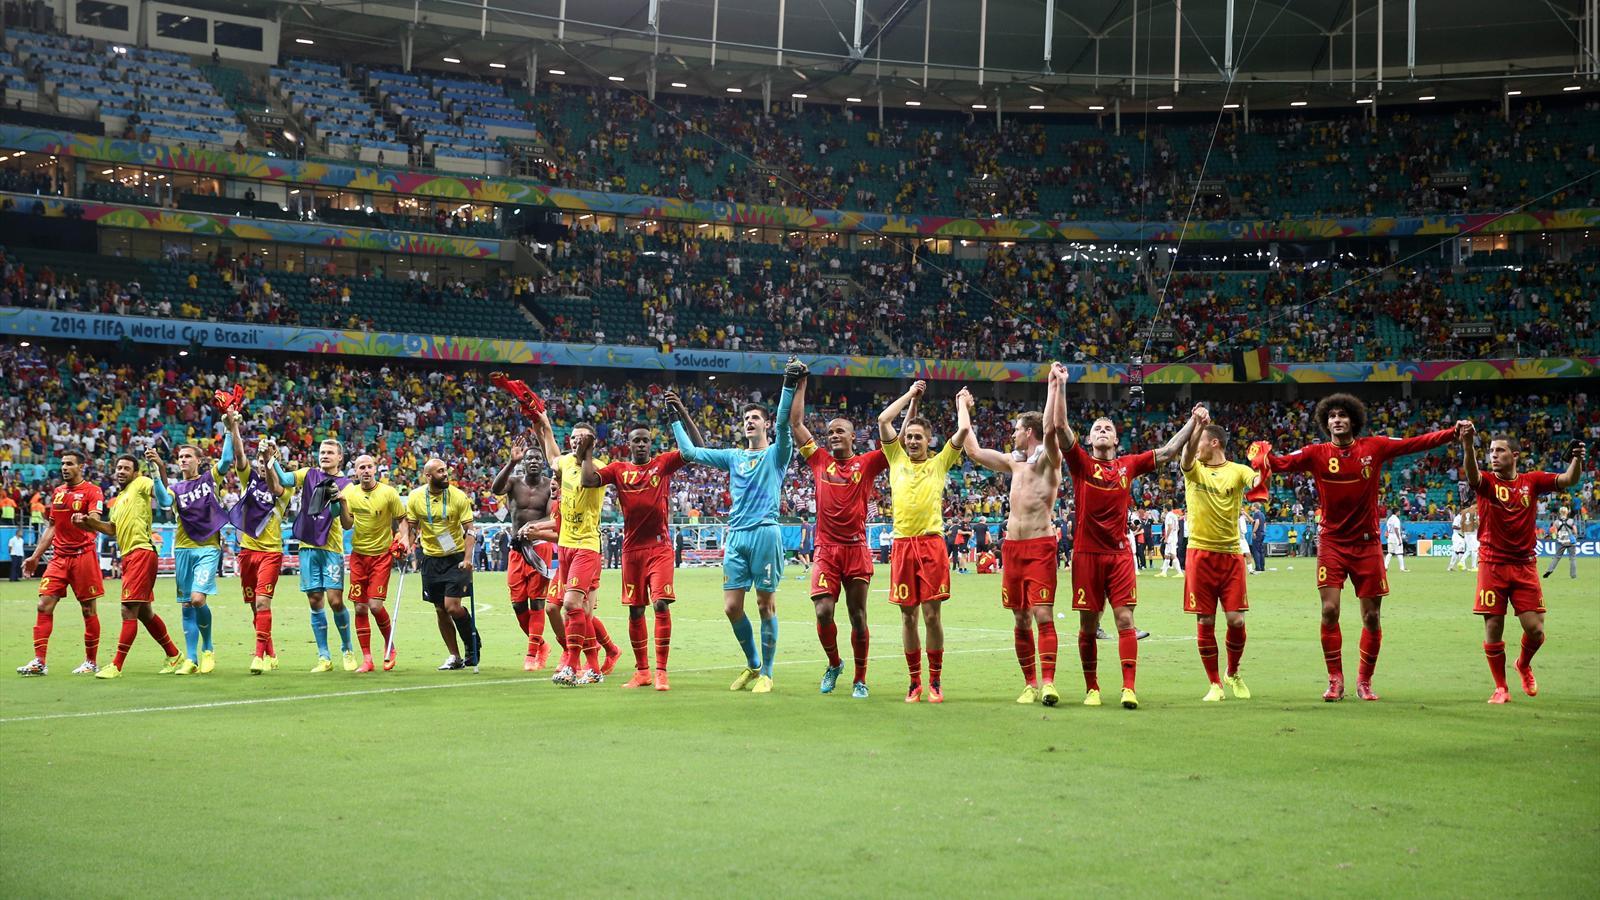 La belgique bient t premi re au classement fifa coupe du monde 2014 football eurosport - Classement coupe du monde 2014 ...